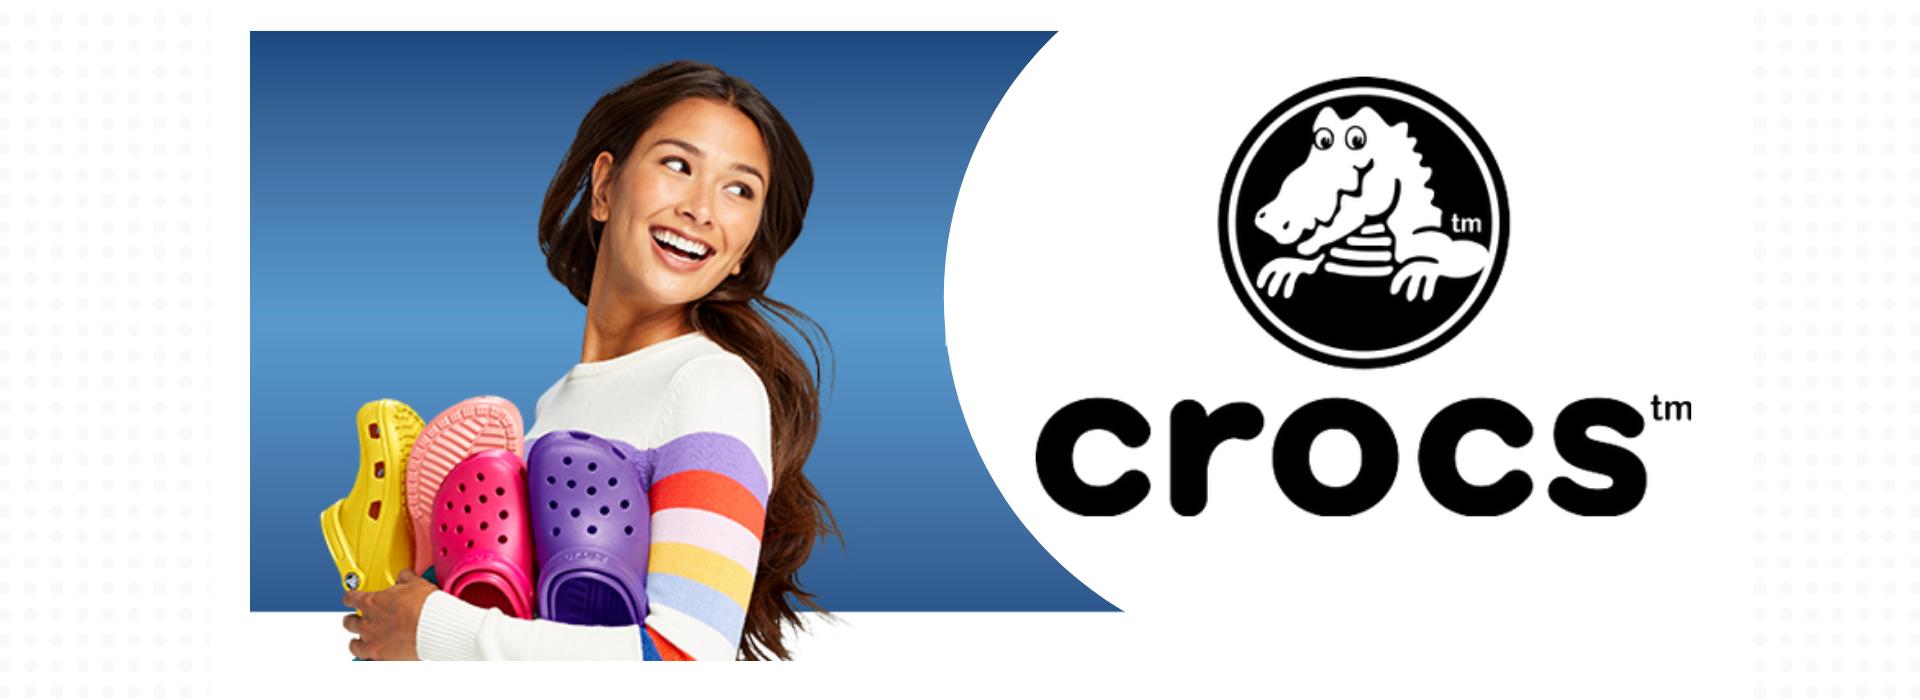 crocs-2-.png